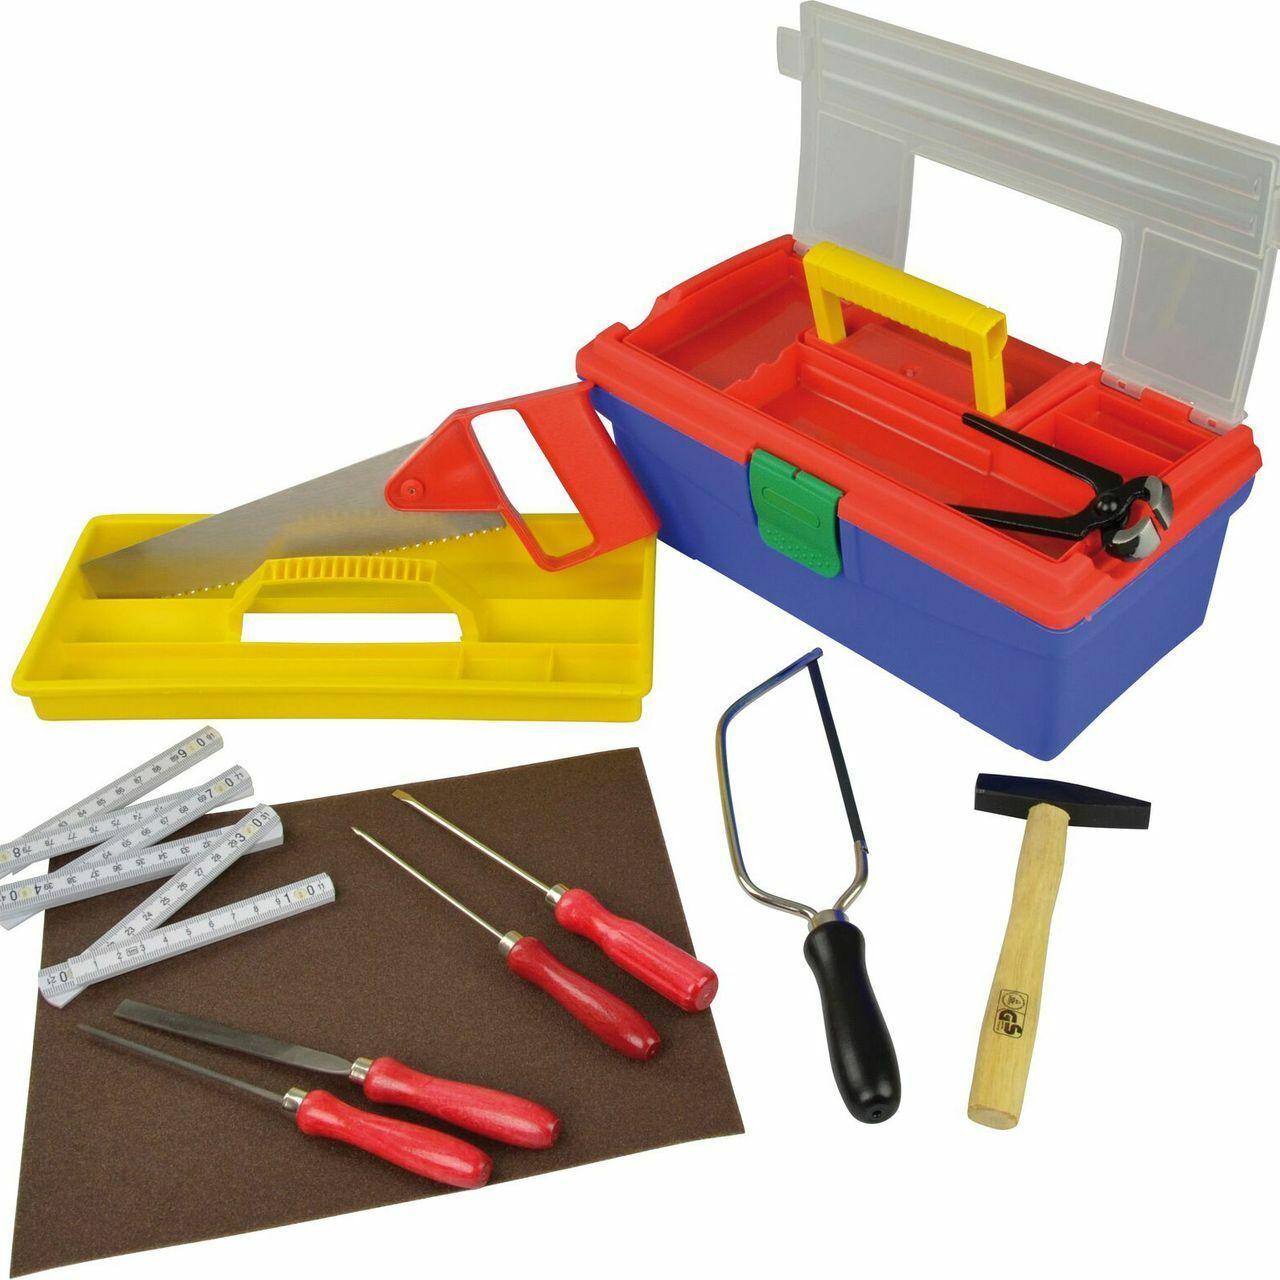 PEBARO Kit d'Accessoires De 11 pièces pour Hobby et école